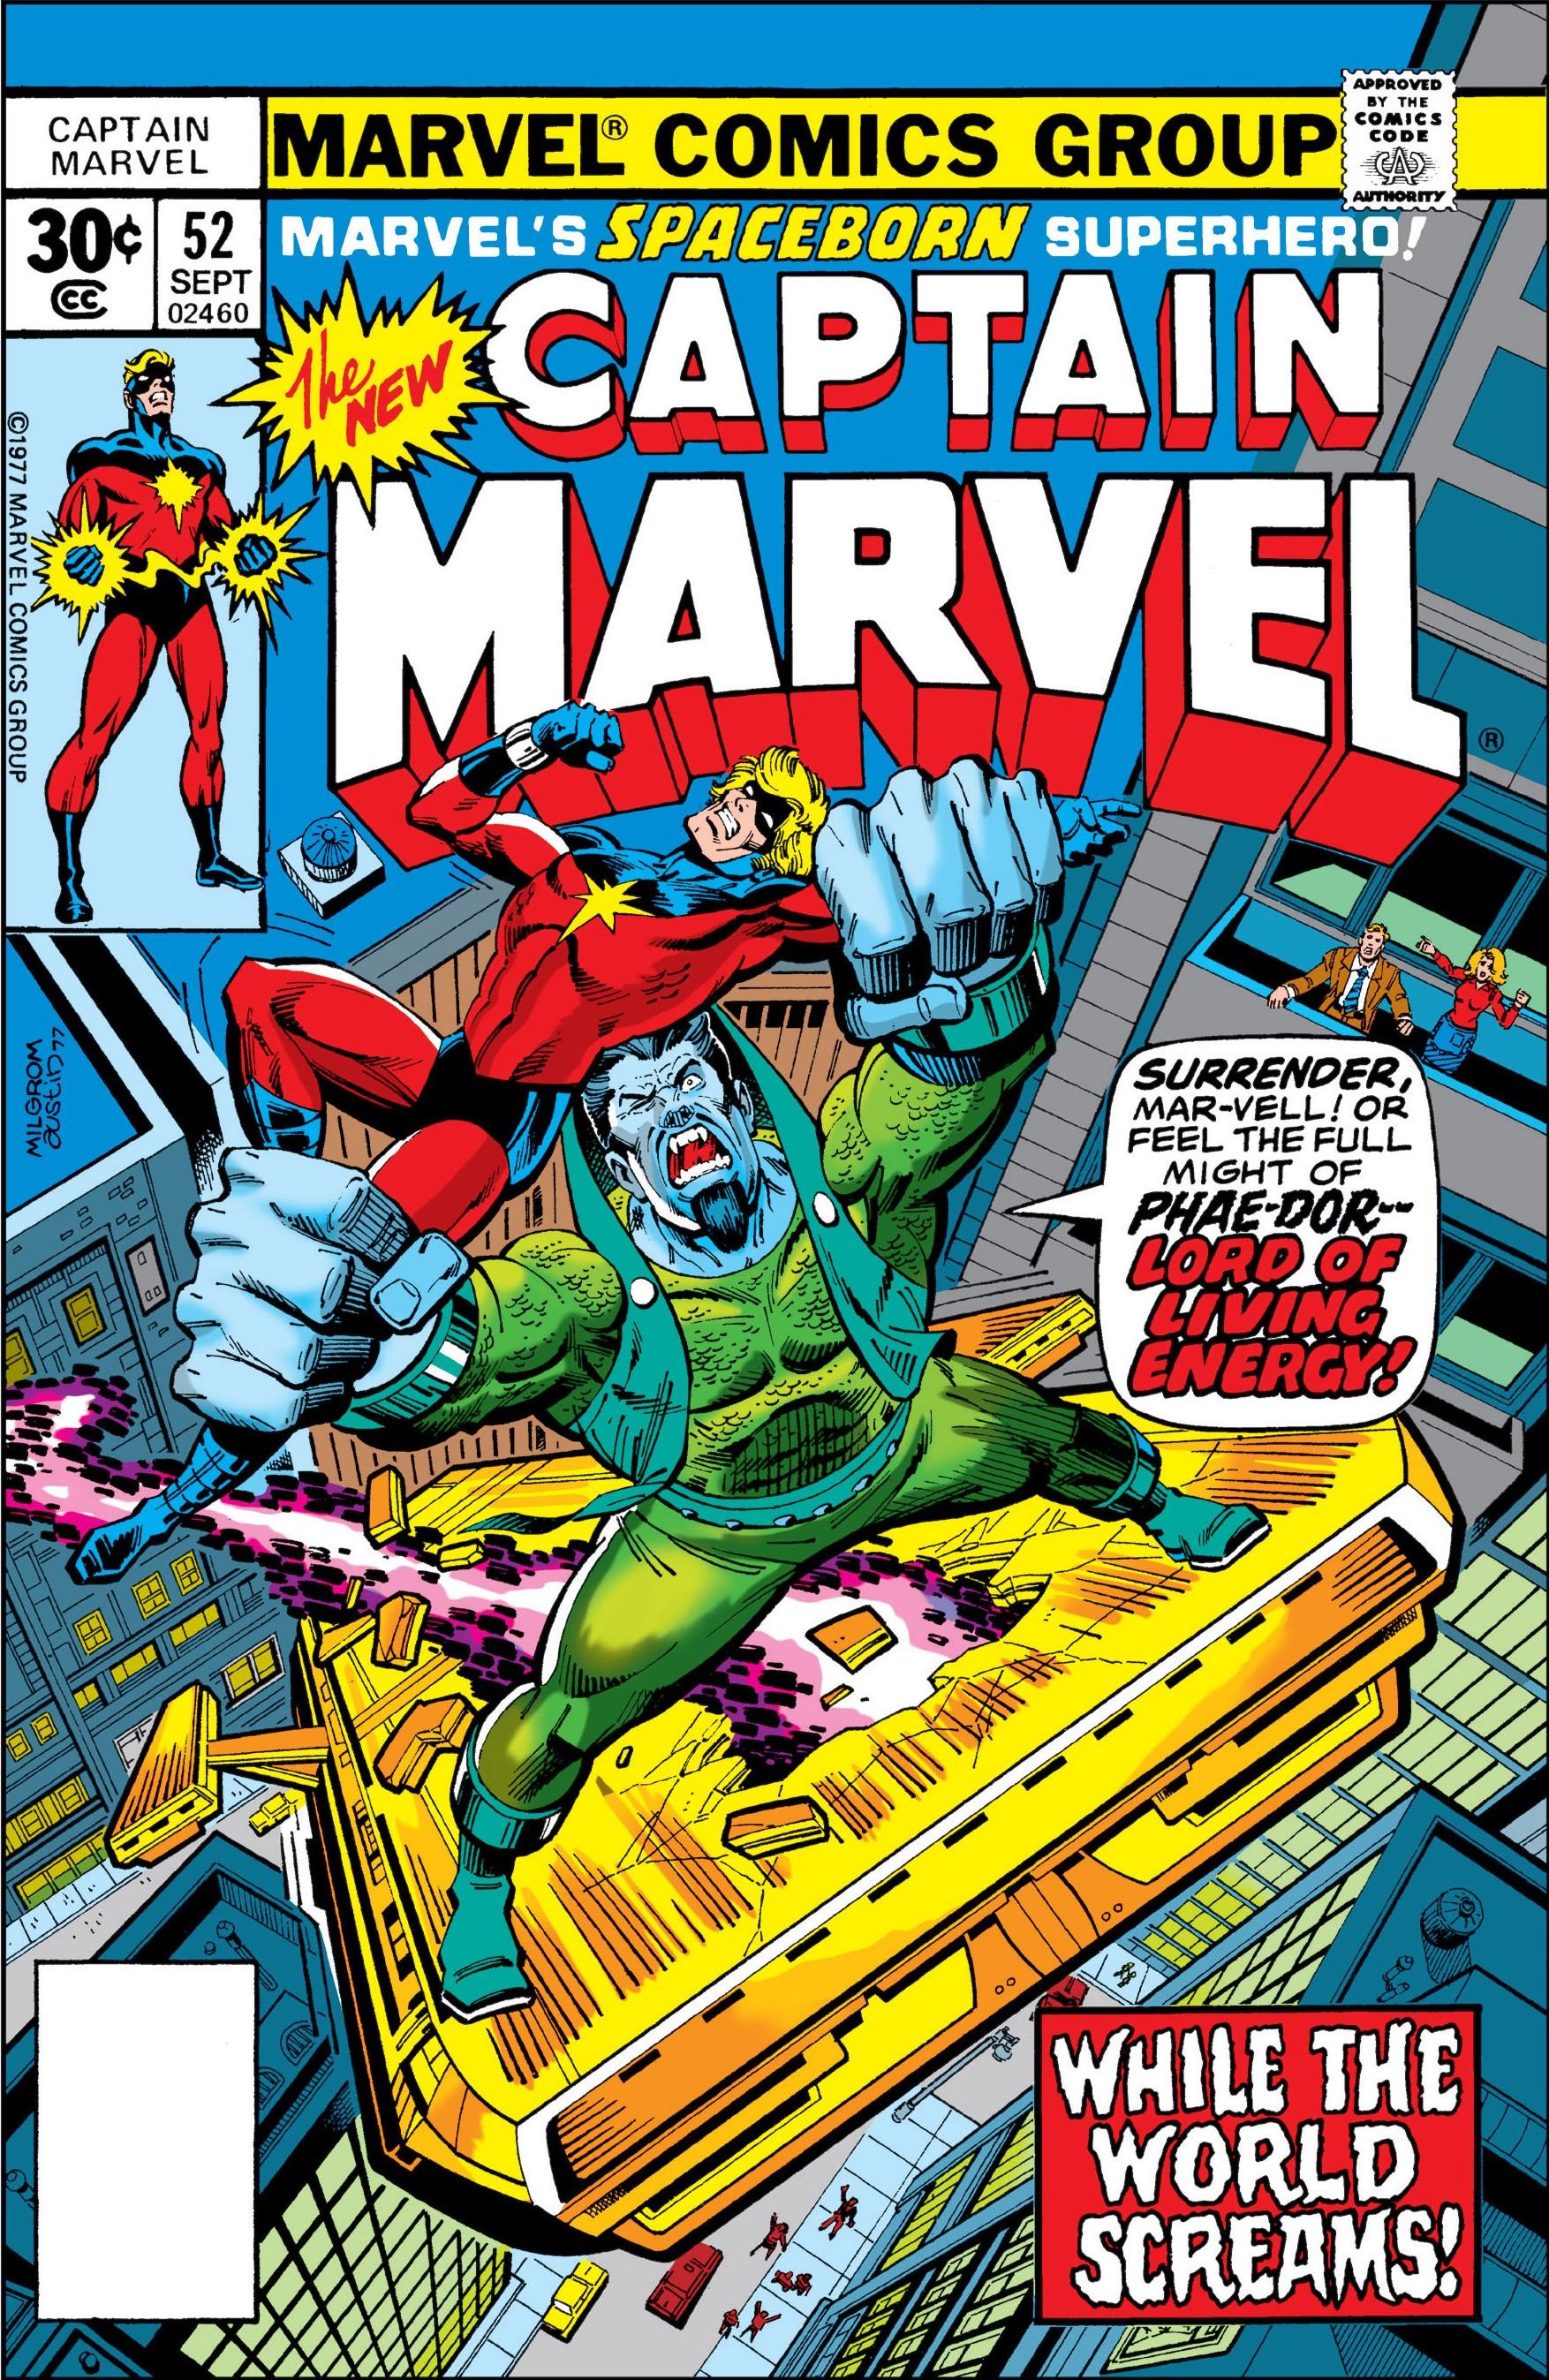 captain marvel 52